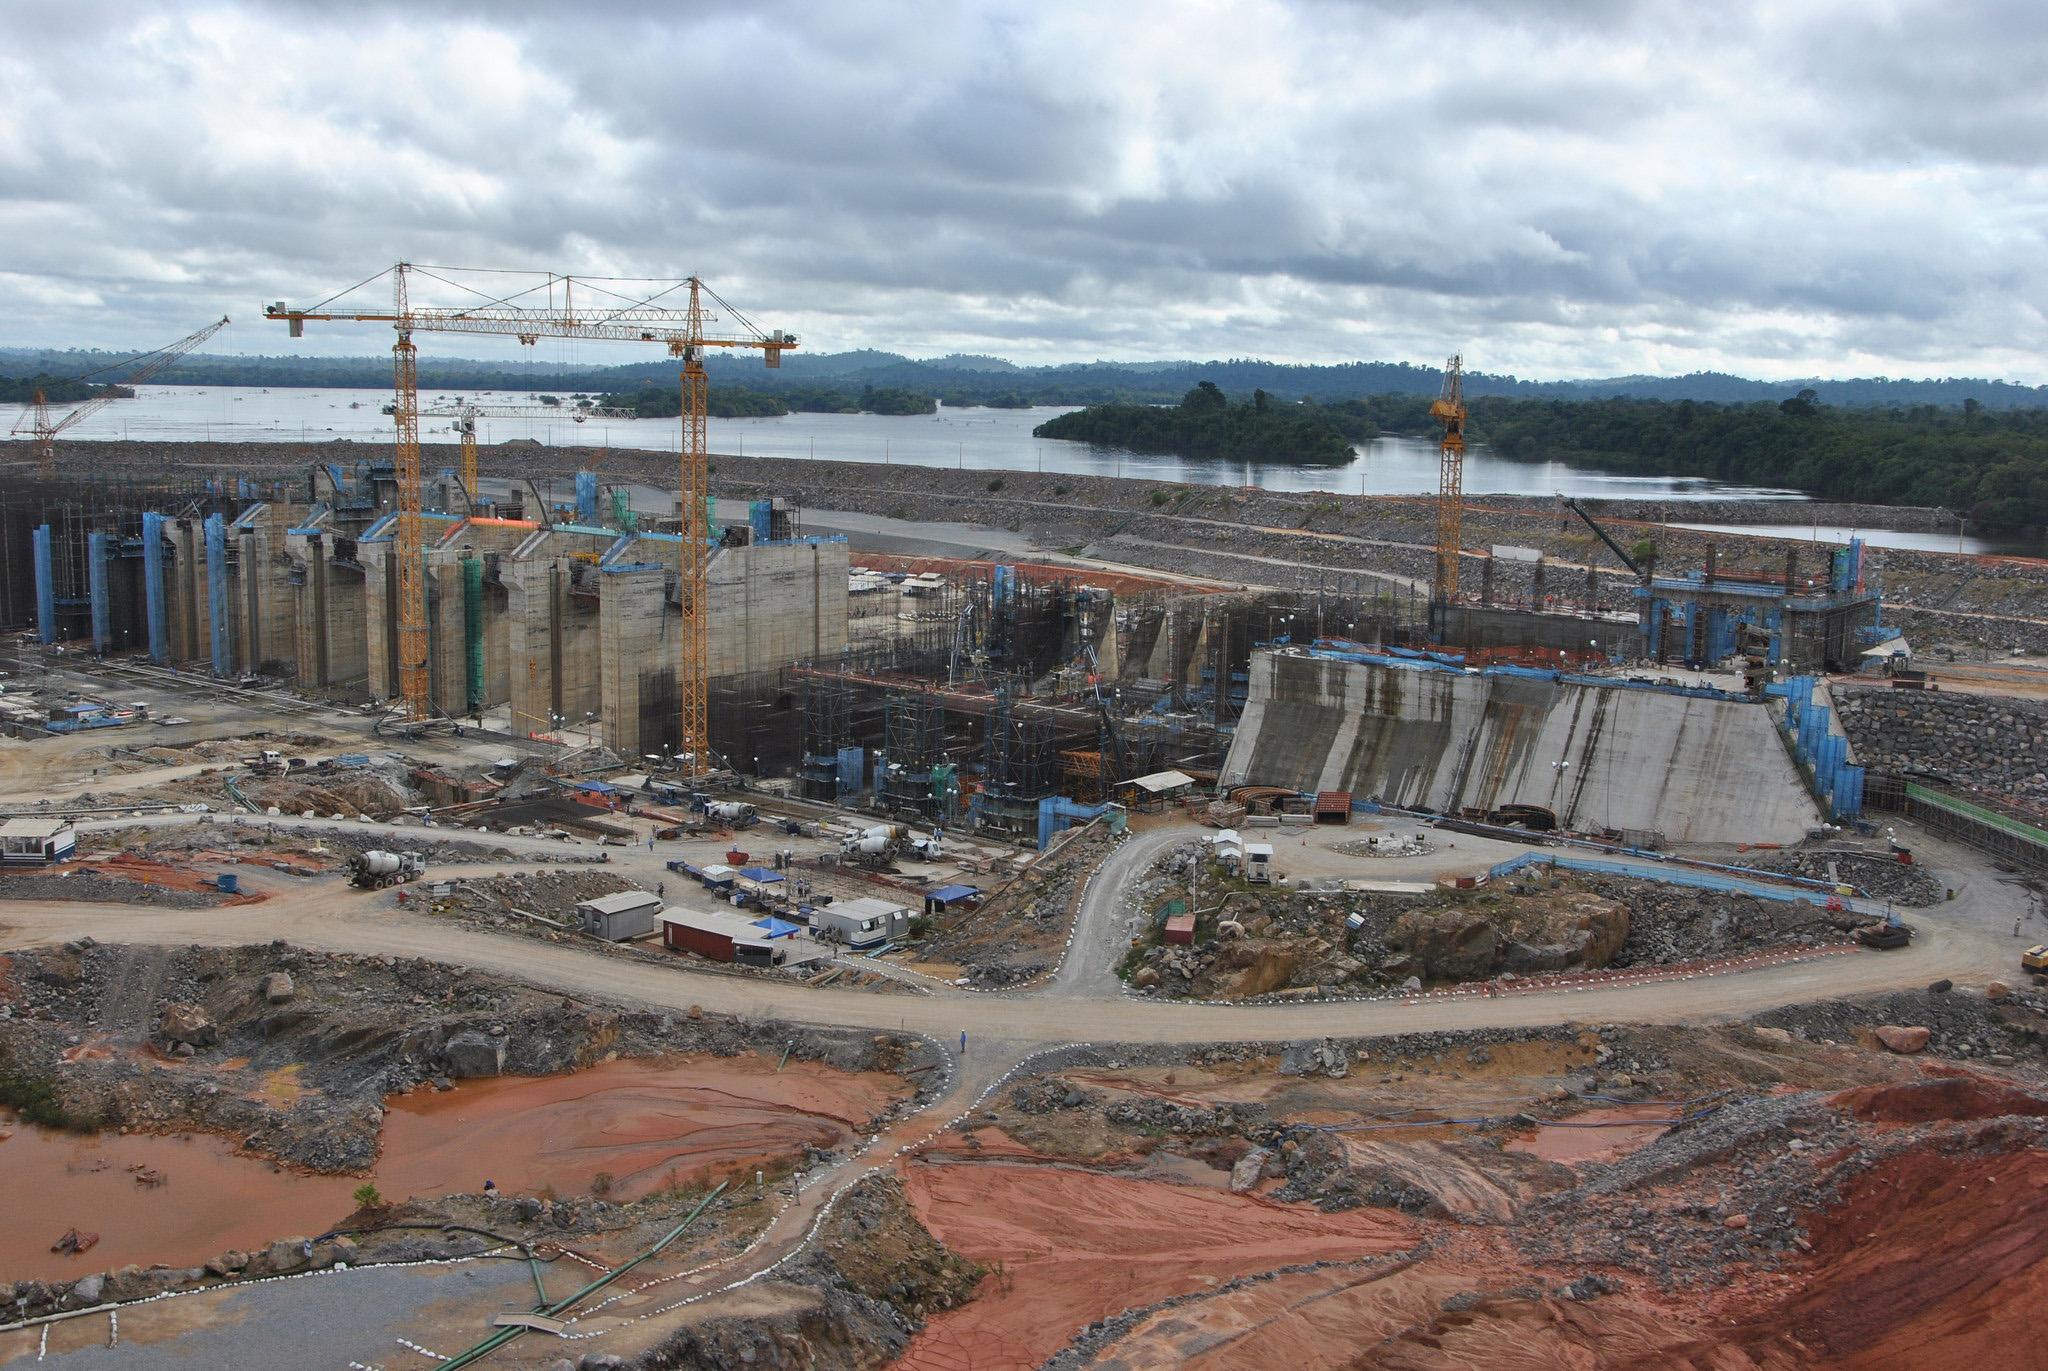 Belo Monte: Lições da Luta 20 – O desafio de explicar os impactos das barragens e as deficiências do sistema